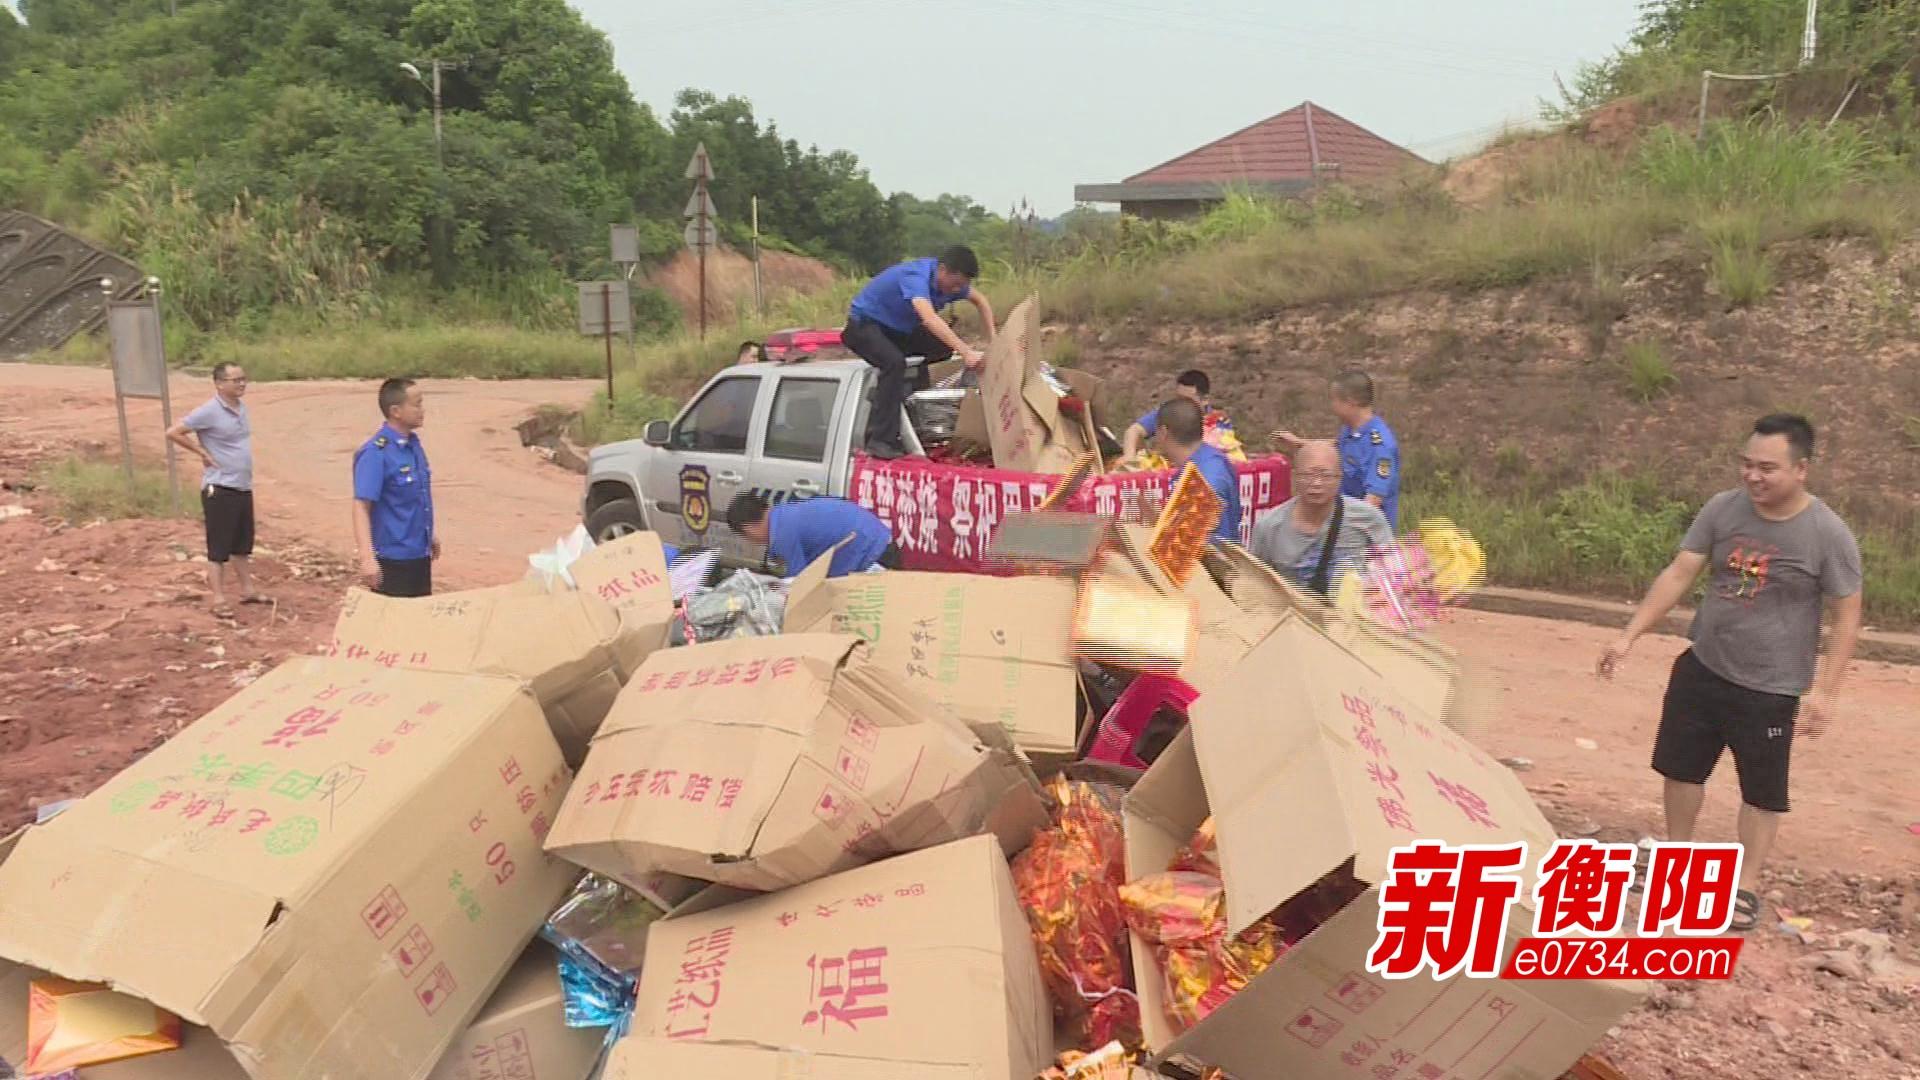 倡导中元节文明祭祀 衡南集中销毁一批祭祀用品